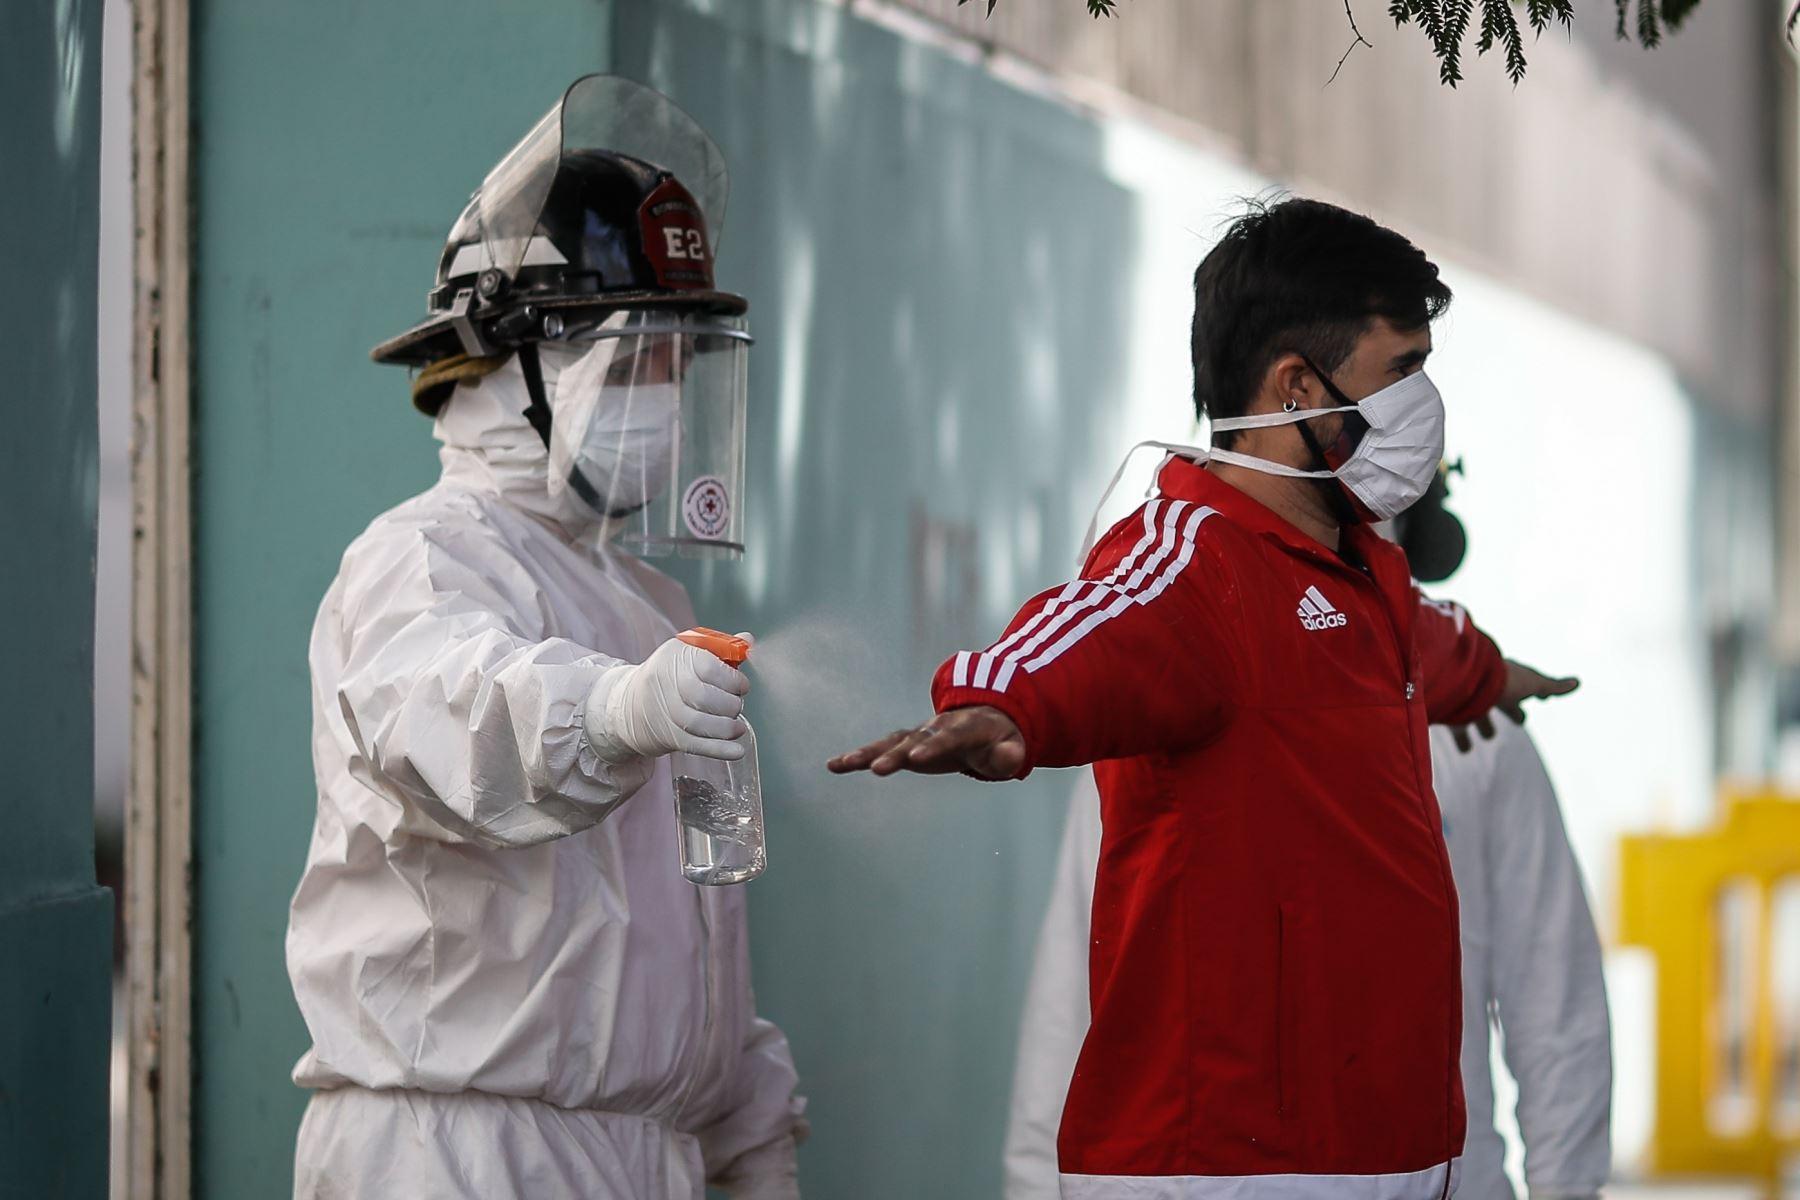 Un bombero rocía con alcohol a un hombre durante una jornada de tomas de pruebas de coronavirus este martes, en el barrio Constitución de Buenos Aires (Argentina). Foto: EFE